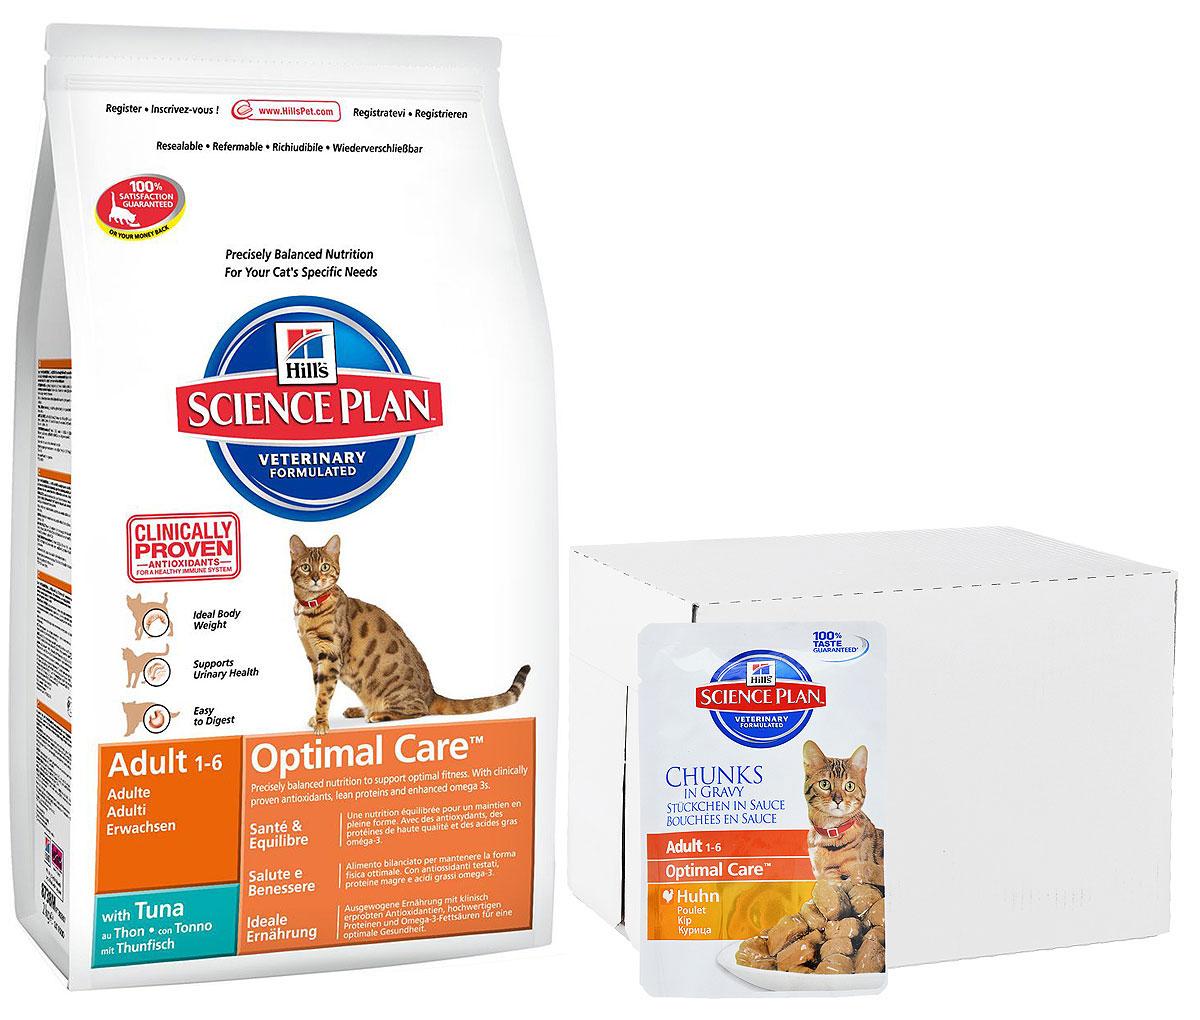 Корм сухой для кошек Hills Optimal Care, тунец, 10 кг + ПОДАРОК: Консервы для кошек Hills, курица, 85 г, 16 шт4231Hill's Science Plan - это полноценное, точно сбалансированное питание, приготовленное из ингредиентов высокого качества, без добавления красителей и консервантов. Каждый рацион Science Plan содержит эксклюзивный комплекс антиоксидантов с клинически подтвержденным эффектом для поддержки иммунной системы Вашего питомца.Если вы решили перевести вашу кошку на рацион Hills Science Plan, это необходимо сделать постепенно в течение 7 дней. Смешивайте прежний корм с новым, постоянно увеличивая долю последнего до полного перехода на Hills Science Plan. Тогда ваш питомец сможет в полной мере насладиться вкусом и преимуществами превосходного питания, которое обеспечивает рацион Hills Science Plan.Рекомендуется• Кошкам в возрасте от 1 до 7 лет.Не рекомендуется• Котятам• Беременным и кормящим кошкам. Во время беременности и лактации кошек нужно переводить на рацион для котят Hills Science Plan Kitten Healthy Development (Гармоничное развитие).Ключевые преимущества• Высокая энергетическая ценность удовлетворяет потребность животного в энергии без необходимости скармливать большие порции• Контролируемое содержание протеинов и натрия - точный баланс нутриентов для крепкого здоровья (не допускает избытка нутриентов, который может навредить здоровью)• Контролируемое содержание магния и фосфора поддерживает здоровье мочевыводящих путей• Комплекс антиоксидантов нейтрализует действие свободных радикалов и поддерживает иммунитет• Превосходные вкусовые характеристики не оставят Вашего питомца равнодушным• Рацион Science Plan Feline Adult 1-6 Optimal Care доступен во многих вкусовых вариантах, в сухом, консервированном виде, и в форме паучей, что позволяет разнообразить питание Вашего любимцаИнгредиенты сухого рационаС тунцом: Мука из курицы и индейки, рис, животный жир, мука из кукурузного глютена, мука из тунца (8%), минералы, гидролизат белка, высушенная мякоть свеклы, хлори